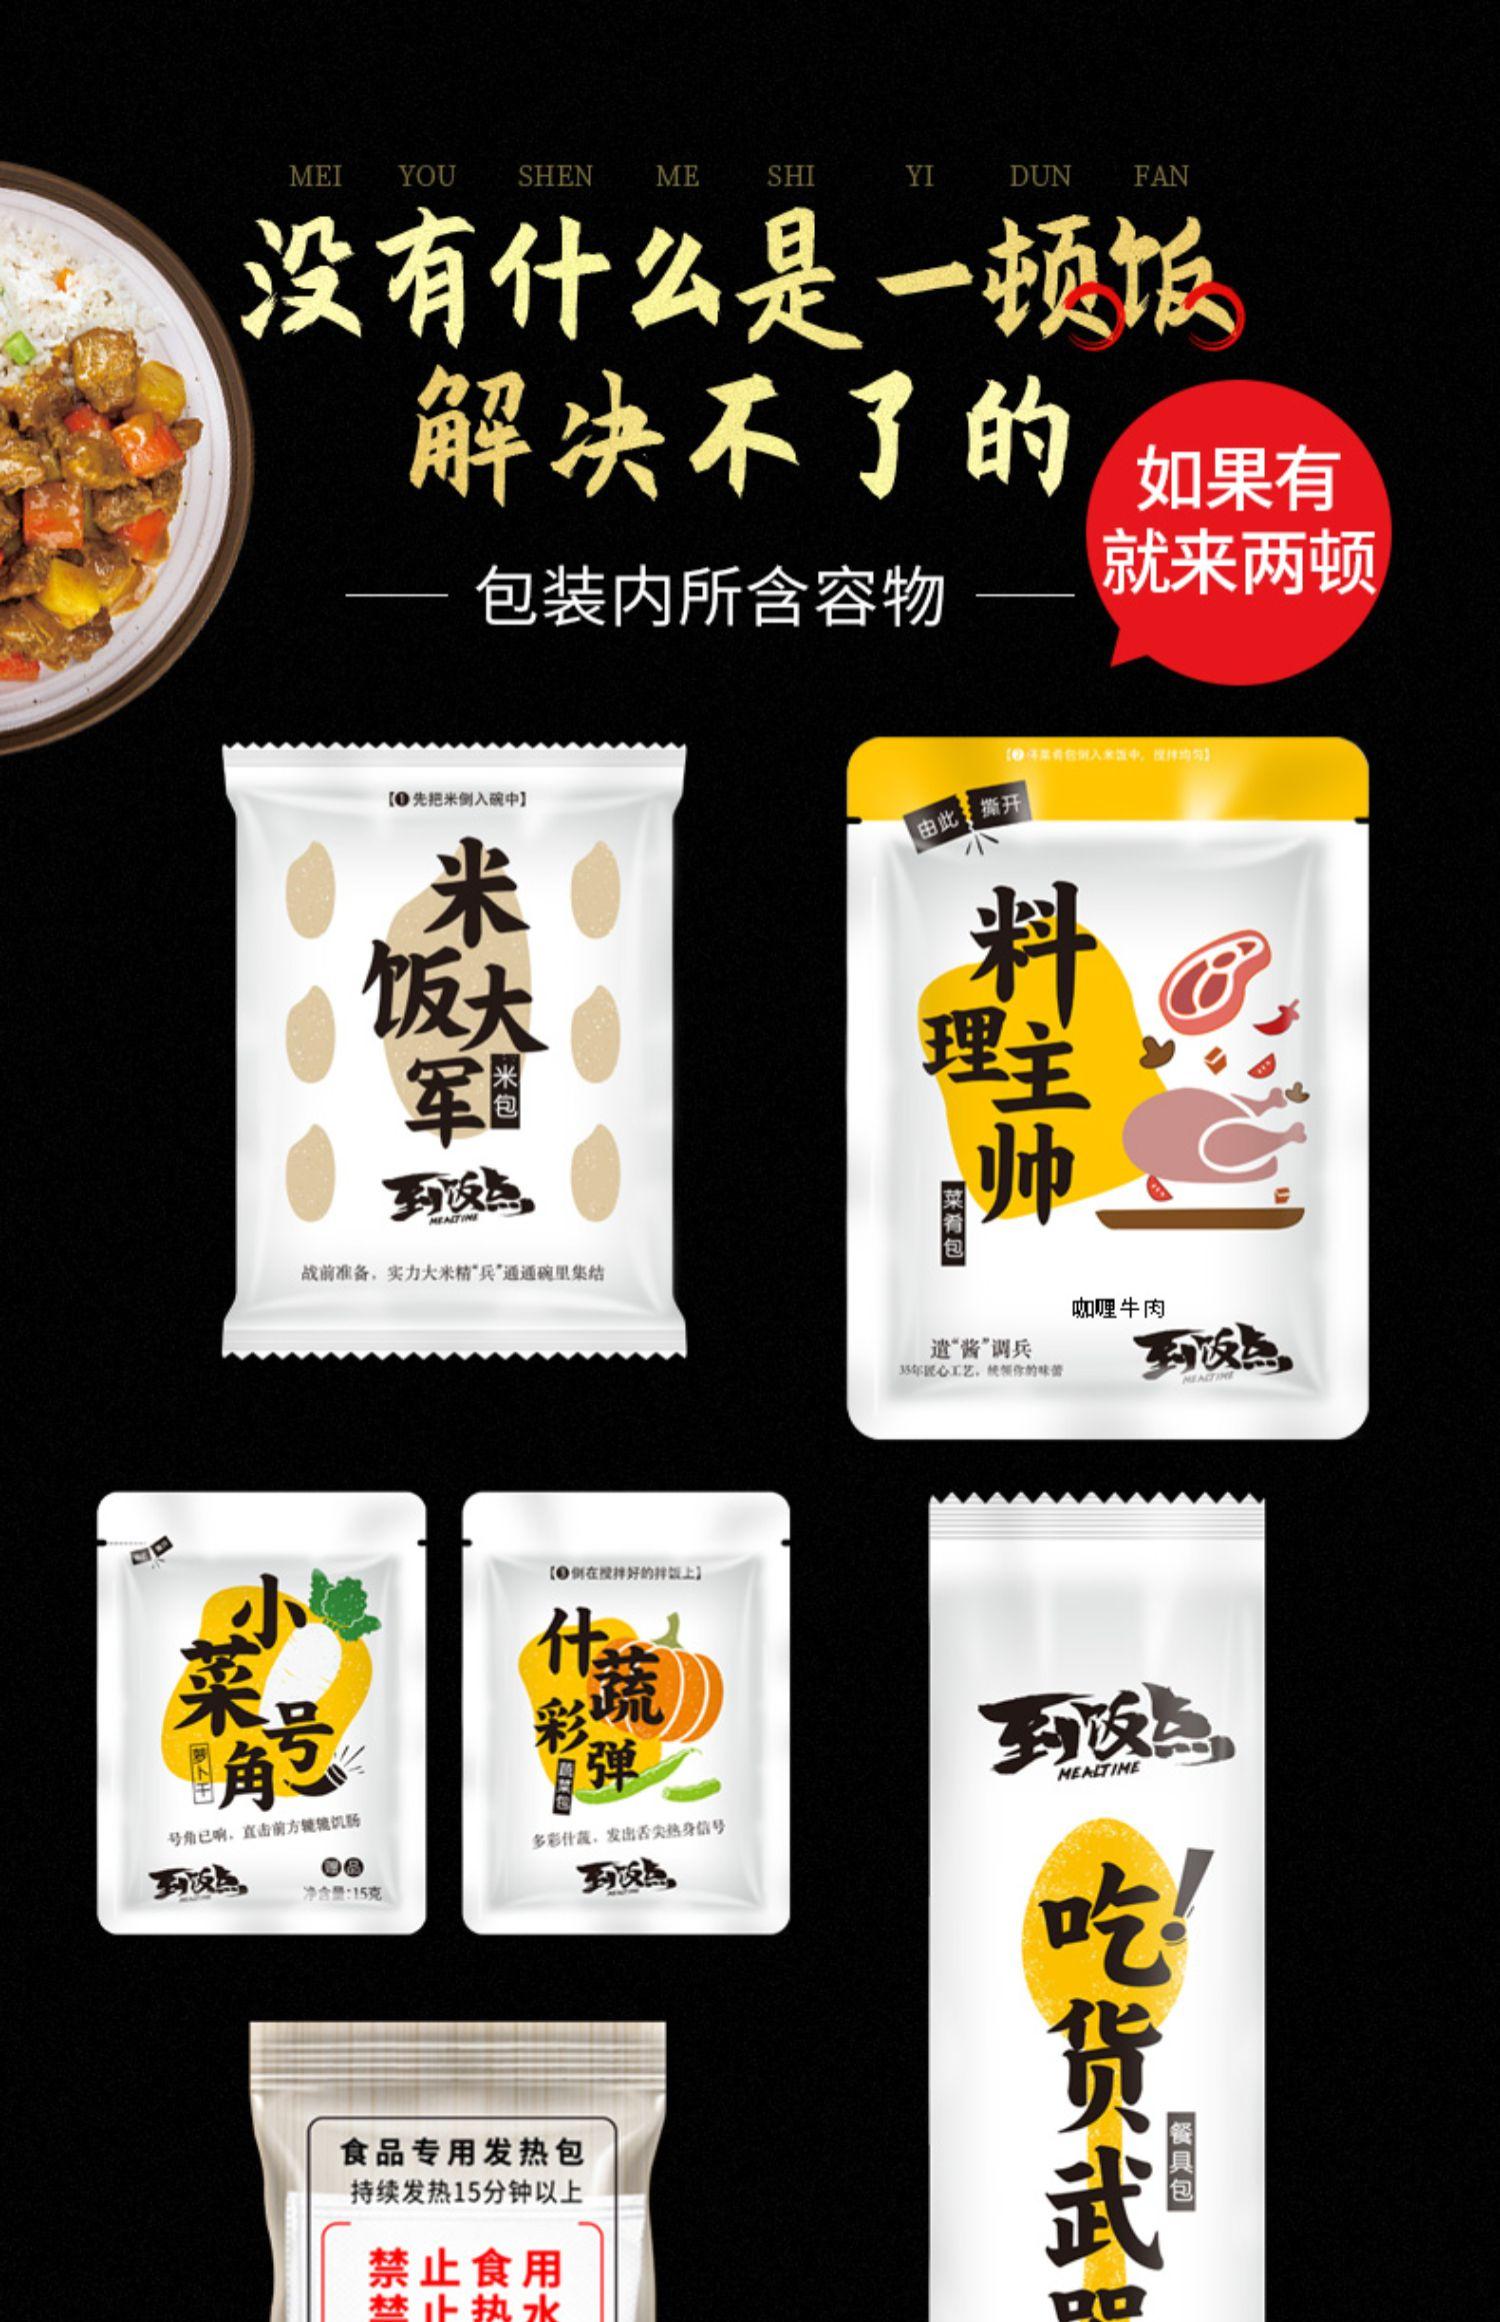 1送1 紫山到饭点自热米饭自煮方便懒人快餐 速食食品自助煲仔饭商品详情图